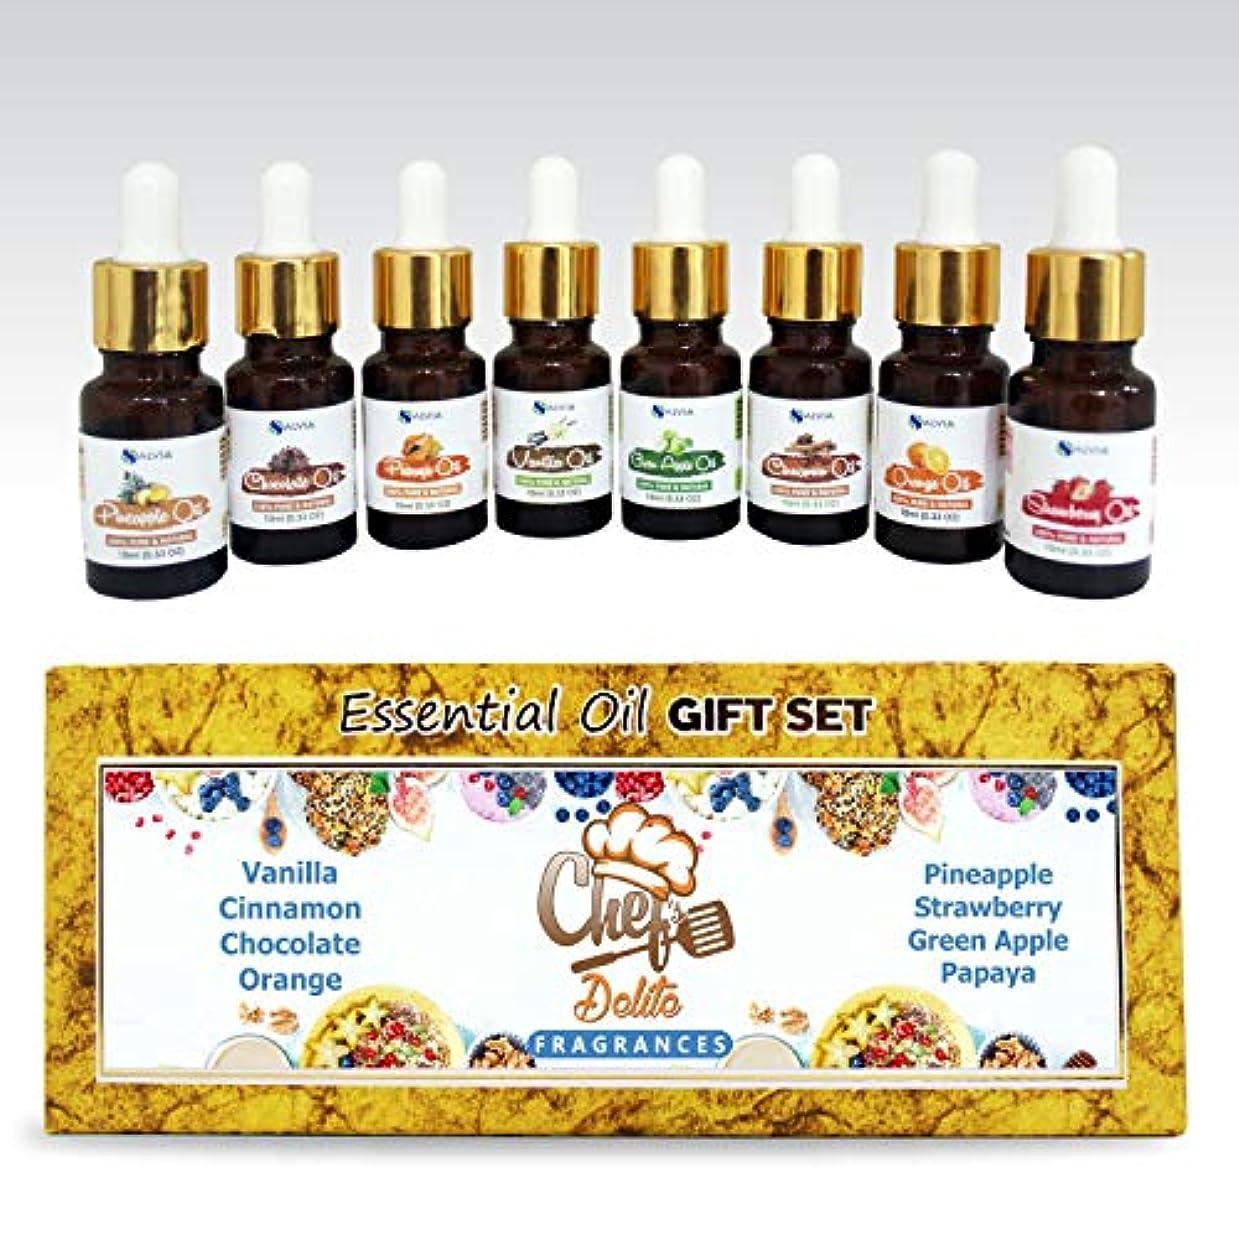 葉を拾うマザーランド土砂降りAromatherapy Fragrance Oils 100% Natural Therapeutic Essential Oils 10ml each (Vanilla, Cinnamon, Chocolate, Orange...